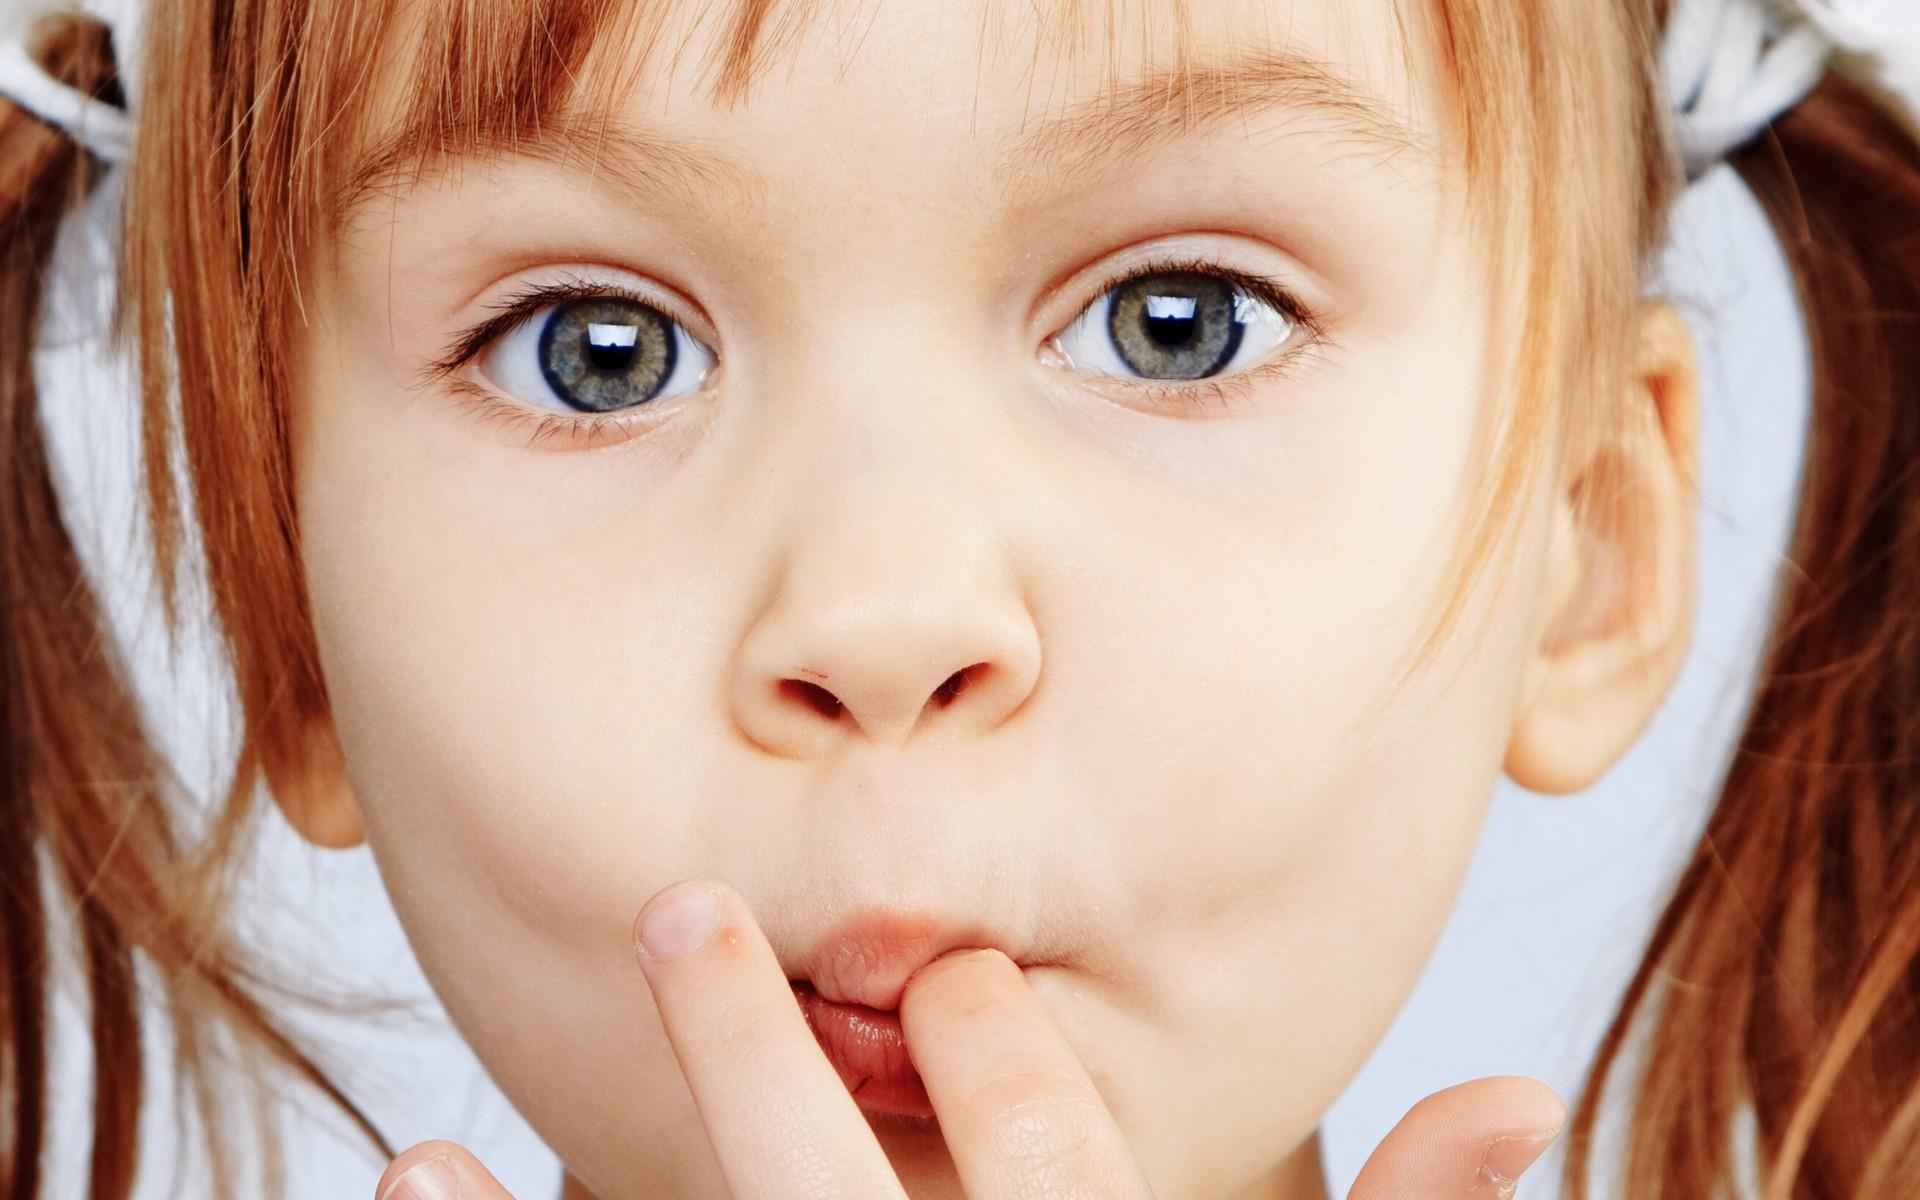 Dişler çocuklarda nasıl büyür Normlar var mı